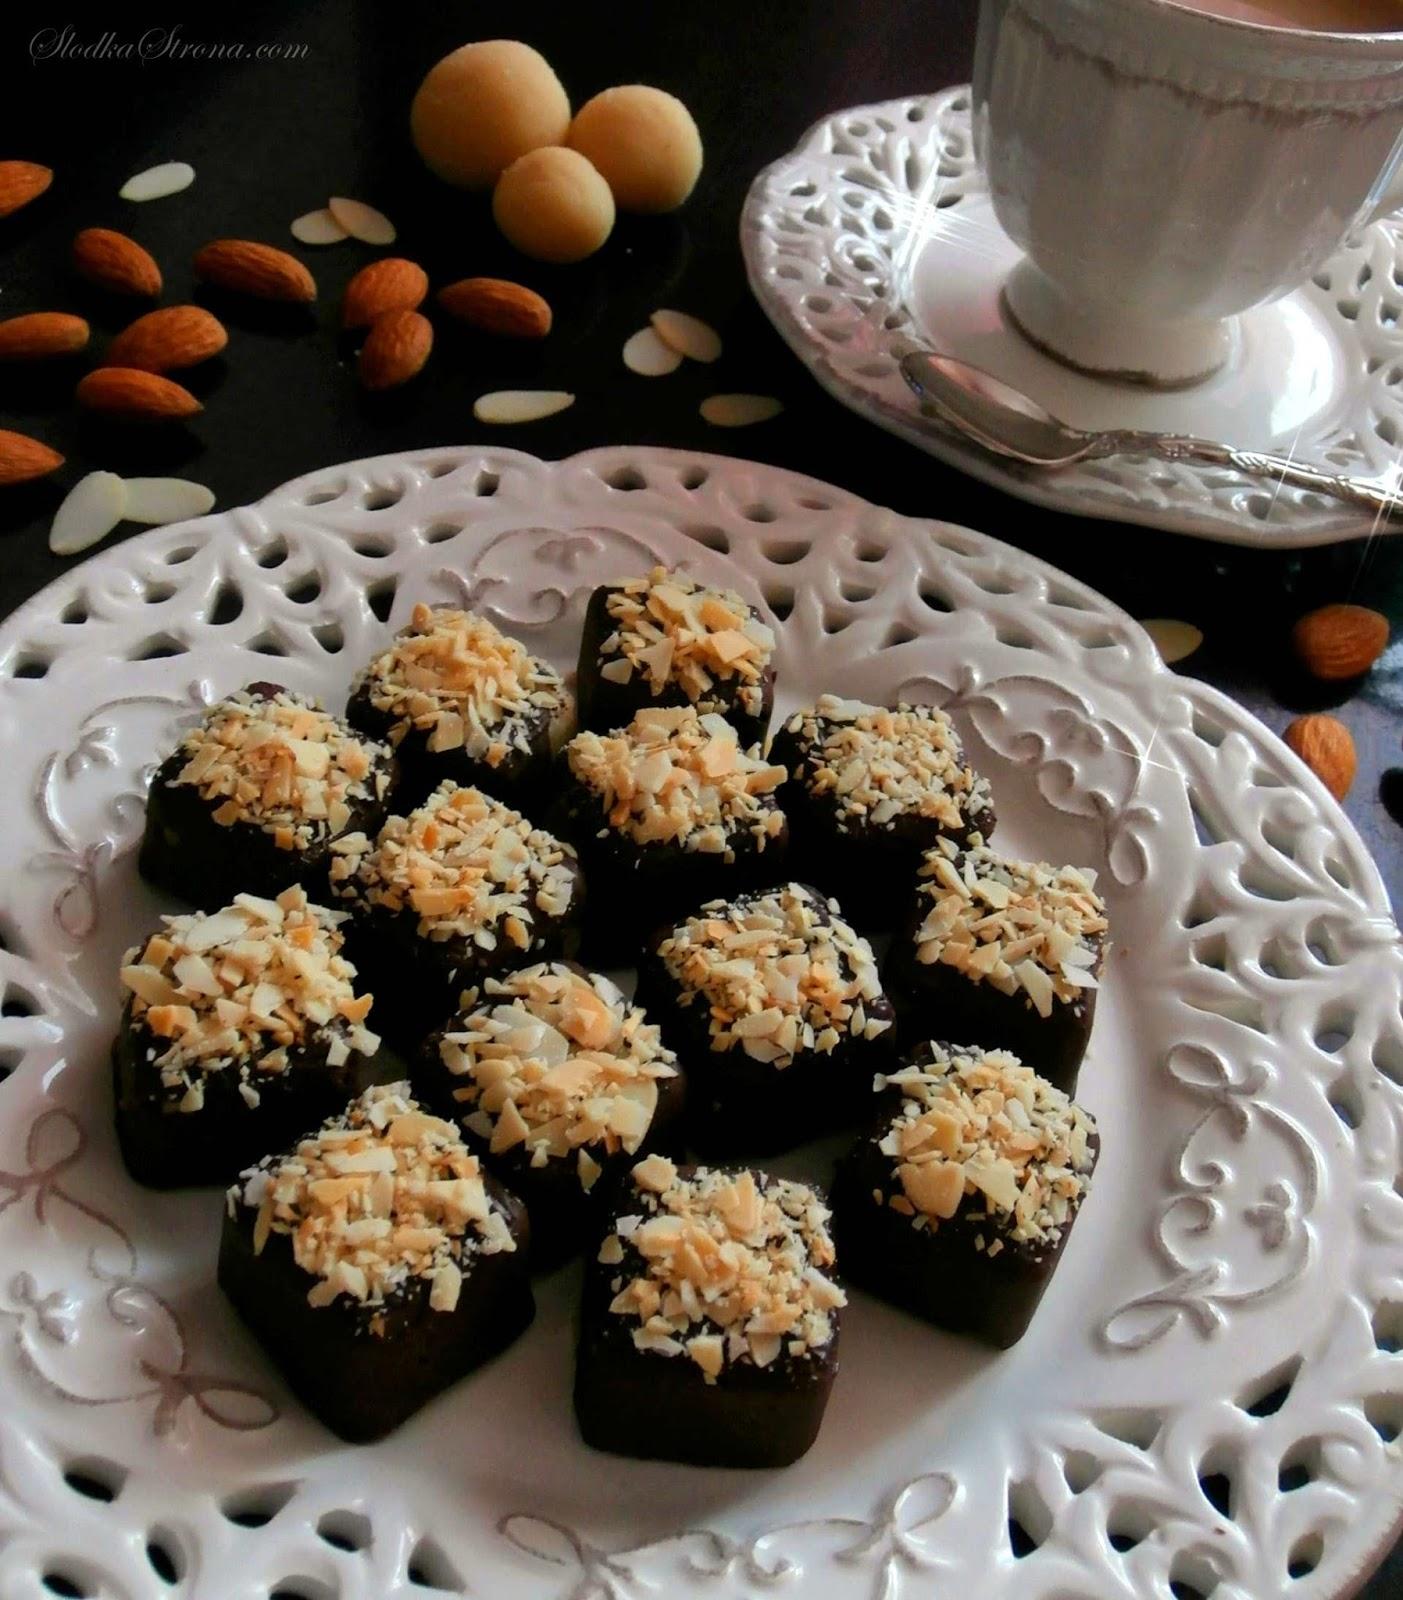 """Czekoladki - mało kto ich nie lubi, a pojęcie """"domowe czekoladki"""" brzmi niezwykle zachęcająco i myślę, że nawet antyfani pralinek się nimi skuszą.   Pojęcie """"domowe"""" czekoladki z """"domowym"""" marcepanem brzmi jeszcze dumniej co sprawia, że tym bardziej nie sposób im się oprzeć.  Gorzka czekolada, której serce stanowi marcepan, a wierzch zdobią pokruszone migdały to połączenie niemal idealne i przede wszystkim reprezentujące świąteczne smaki - czekoladki znakomite na Boże Narodzenie. czekoladki z marcepaem, czekoladki z marcepanem przepis, czekoladki marcepanowe, marcepan jak zrobic, marcepan przepis, czekoladki marcepanowe, czekolada z marcepanem, świeta, Boże Narodzenie, boze narodzenie przepisy, boze narodzenie, slodka strona, czekoladki z nutella przepis, domowe czekoladki, jak zrobic czekoladki, jak samemu zrobic czekoladki, jak samodzielnie zrobic czekoladki, jak zrobic pralinki, domowe pralinki, domowe pralinki przepis, desery z nutella, nutella, deser z nutella, czekolada nutella, orzechy laskowe, czekoladki, bombonierka, serduszka walentynki, forma do czekoladek, silikonowa forma do czekoladek, słodka strona"""